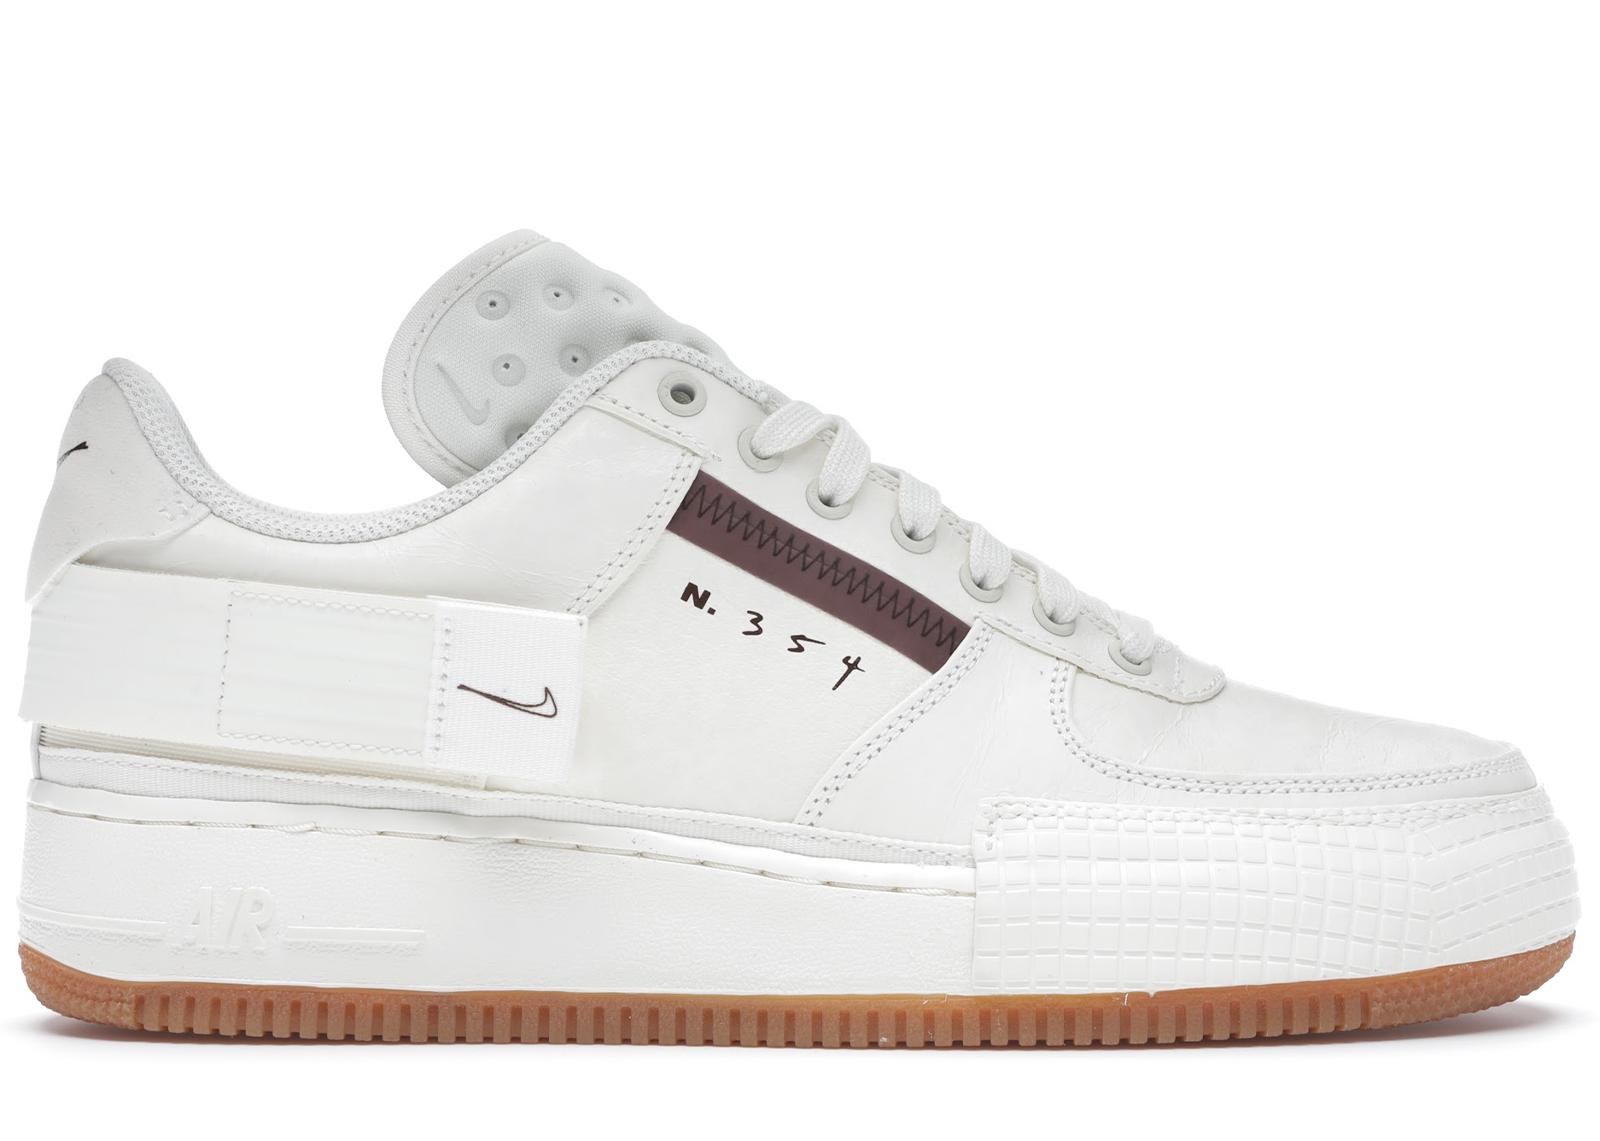 Nike Air Force 1 Type Sail Gum